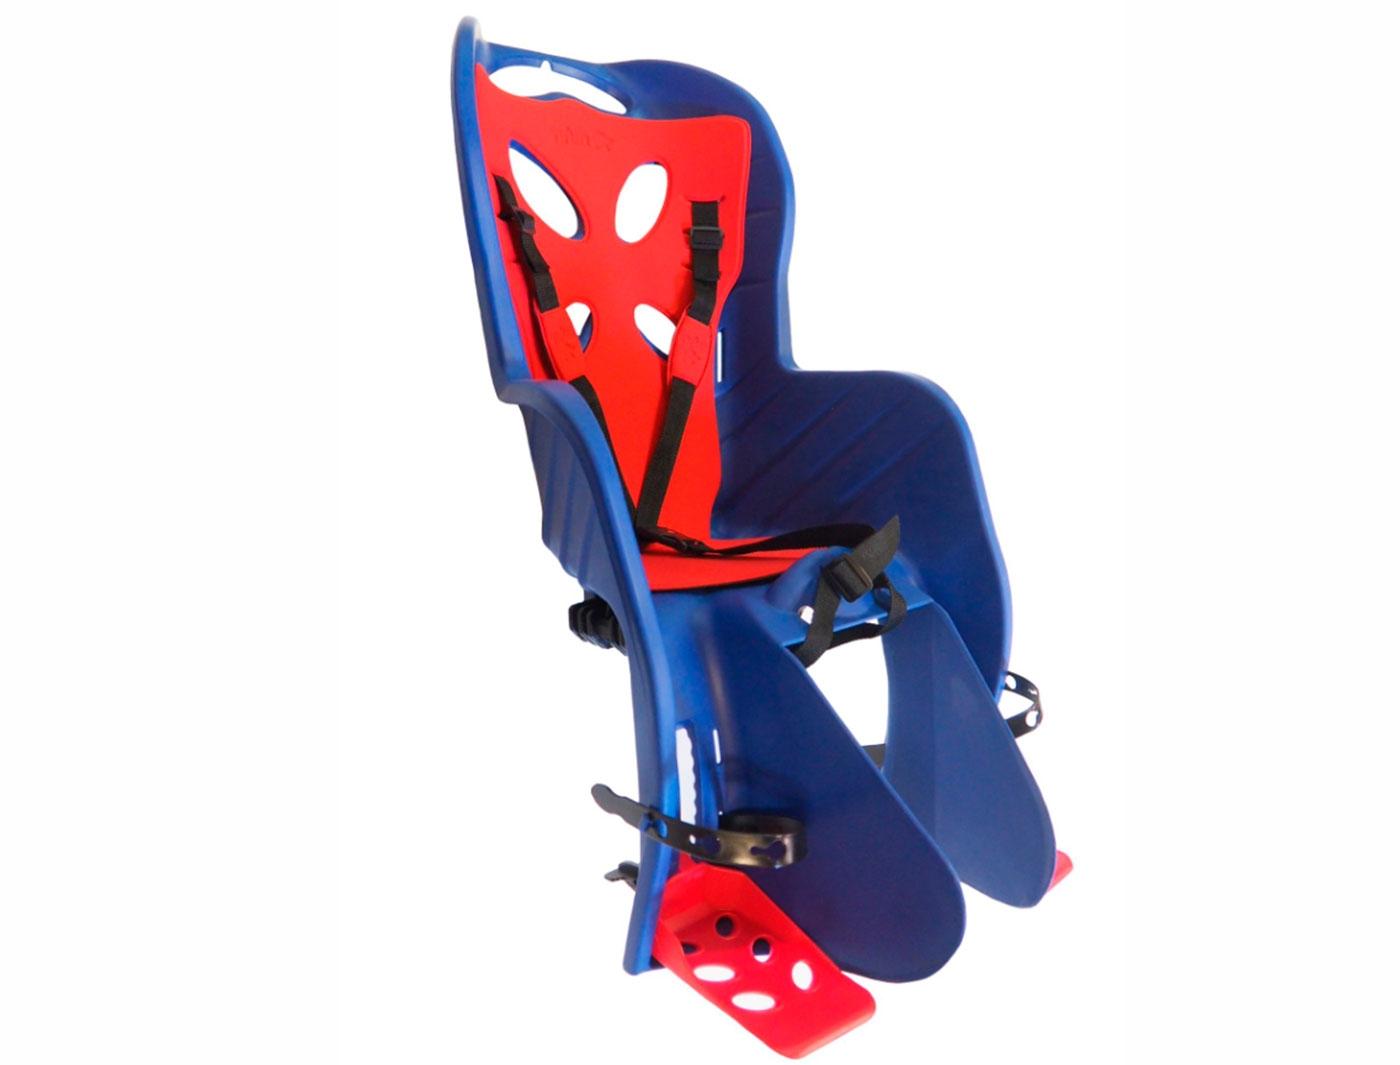 Сиденье детское TUV BELLELLI на подседельный штырь (4) синее до 7лет/22кг 5-259855